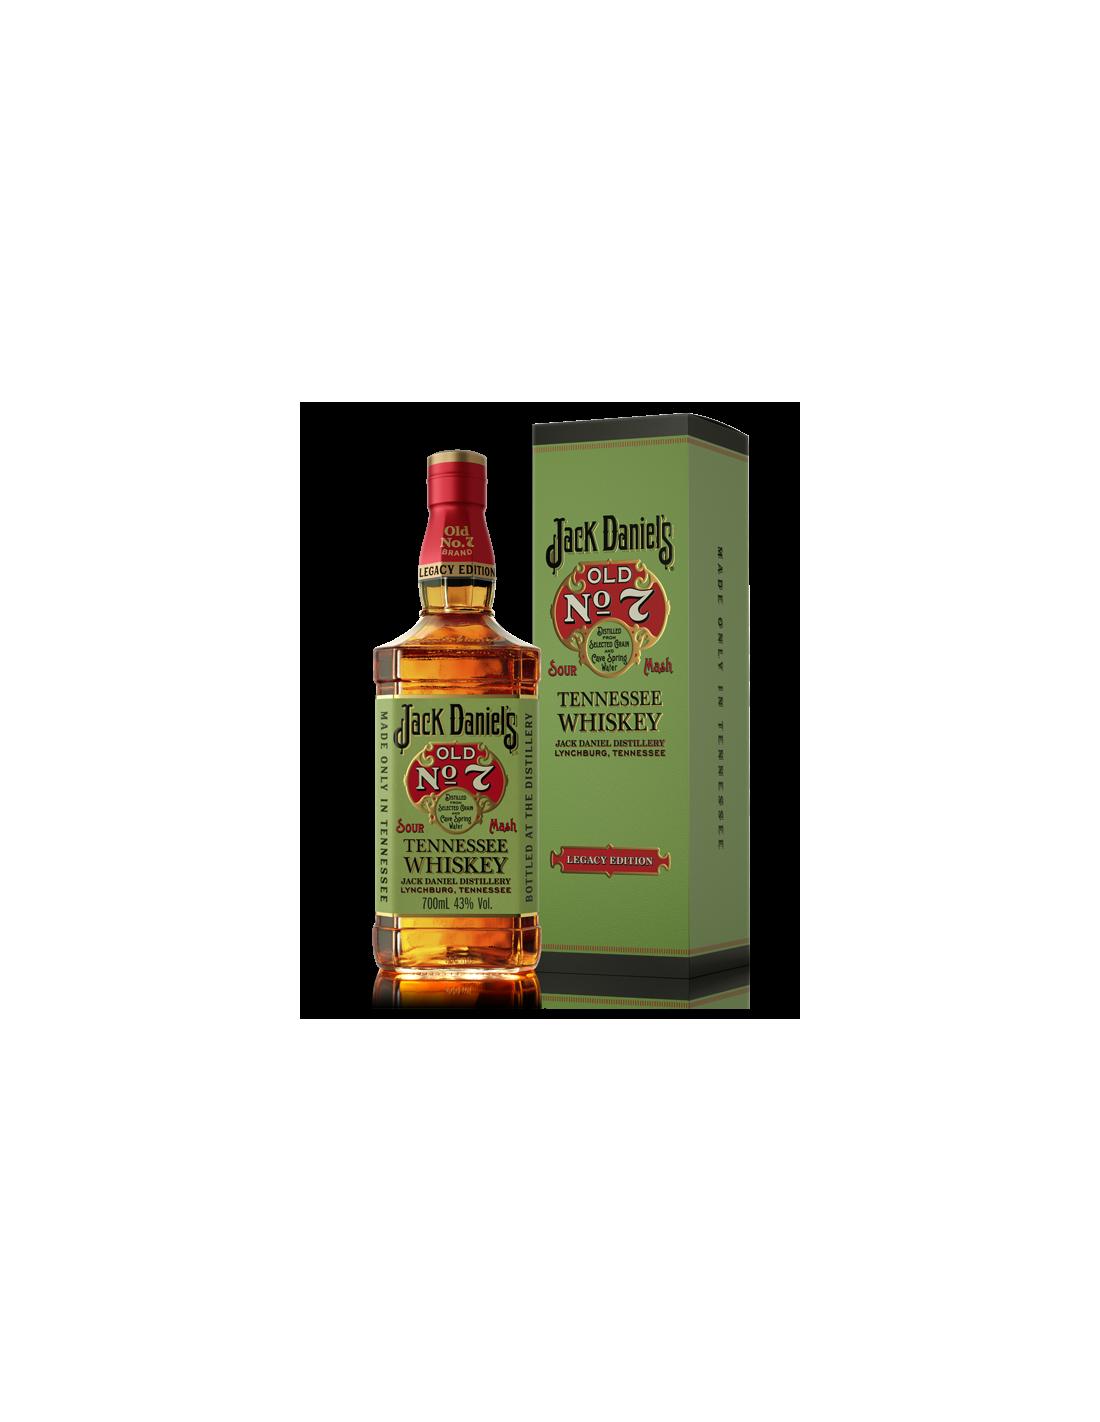 Whisky Bourbon Jack Daniel's No.7 Legacy Edition, 43% alc., 0.7L